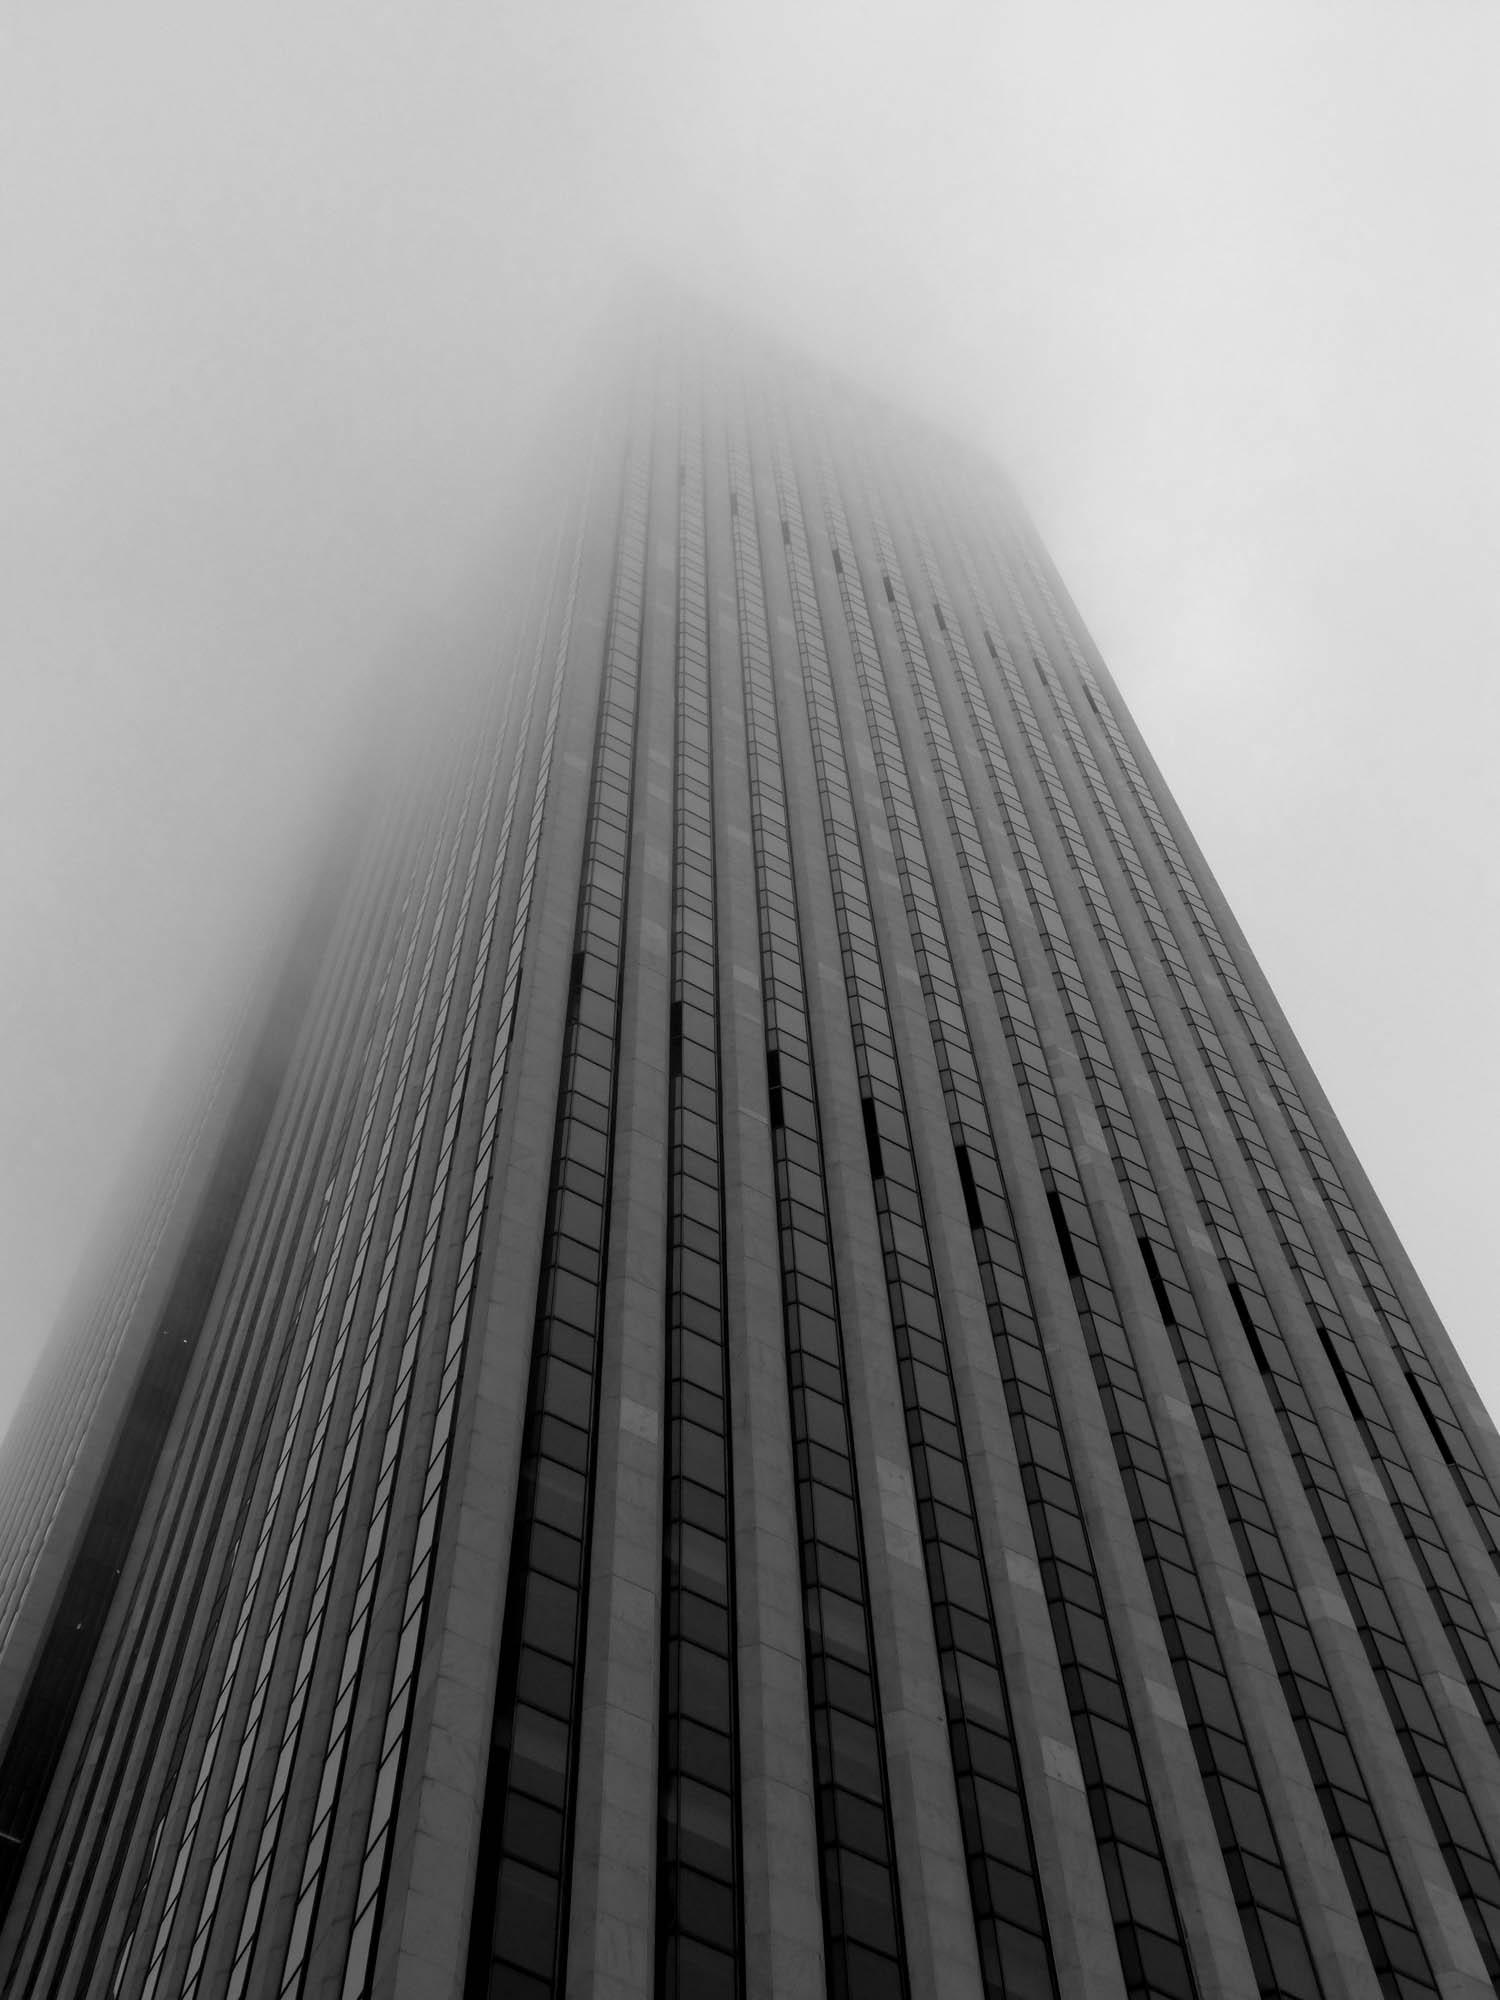 Skyscraper in the mist, New York City